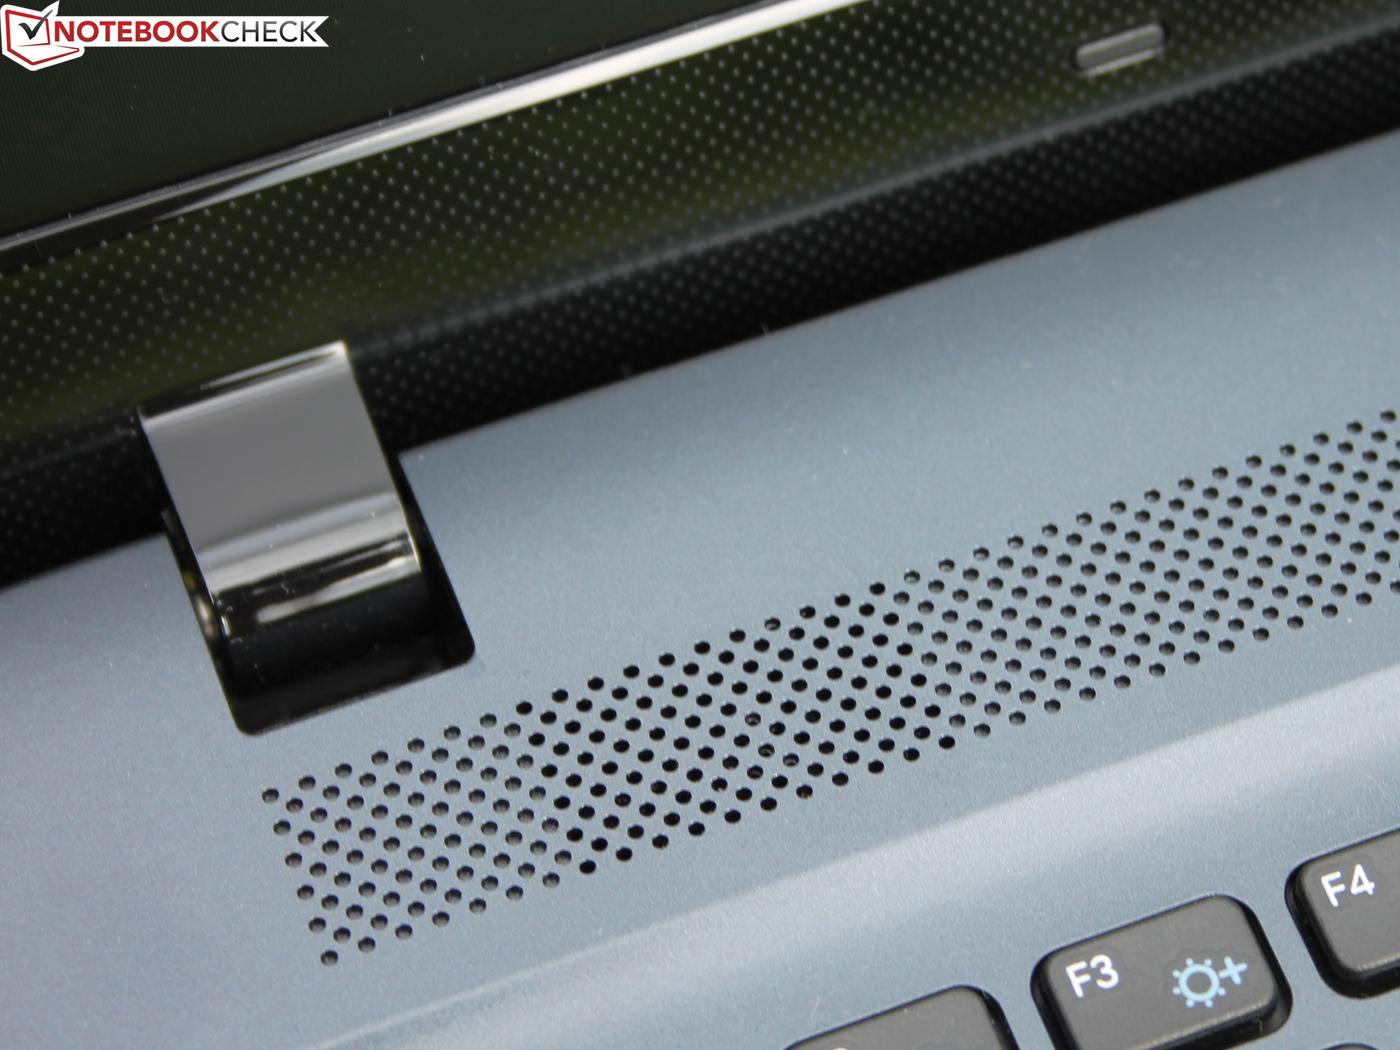 Notebook samsung ativ book 2 - Le Cover Superiori Cover Display Cover Appoggio Polsi Cornice Display Sono Costantemente Modificate Da Samsung